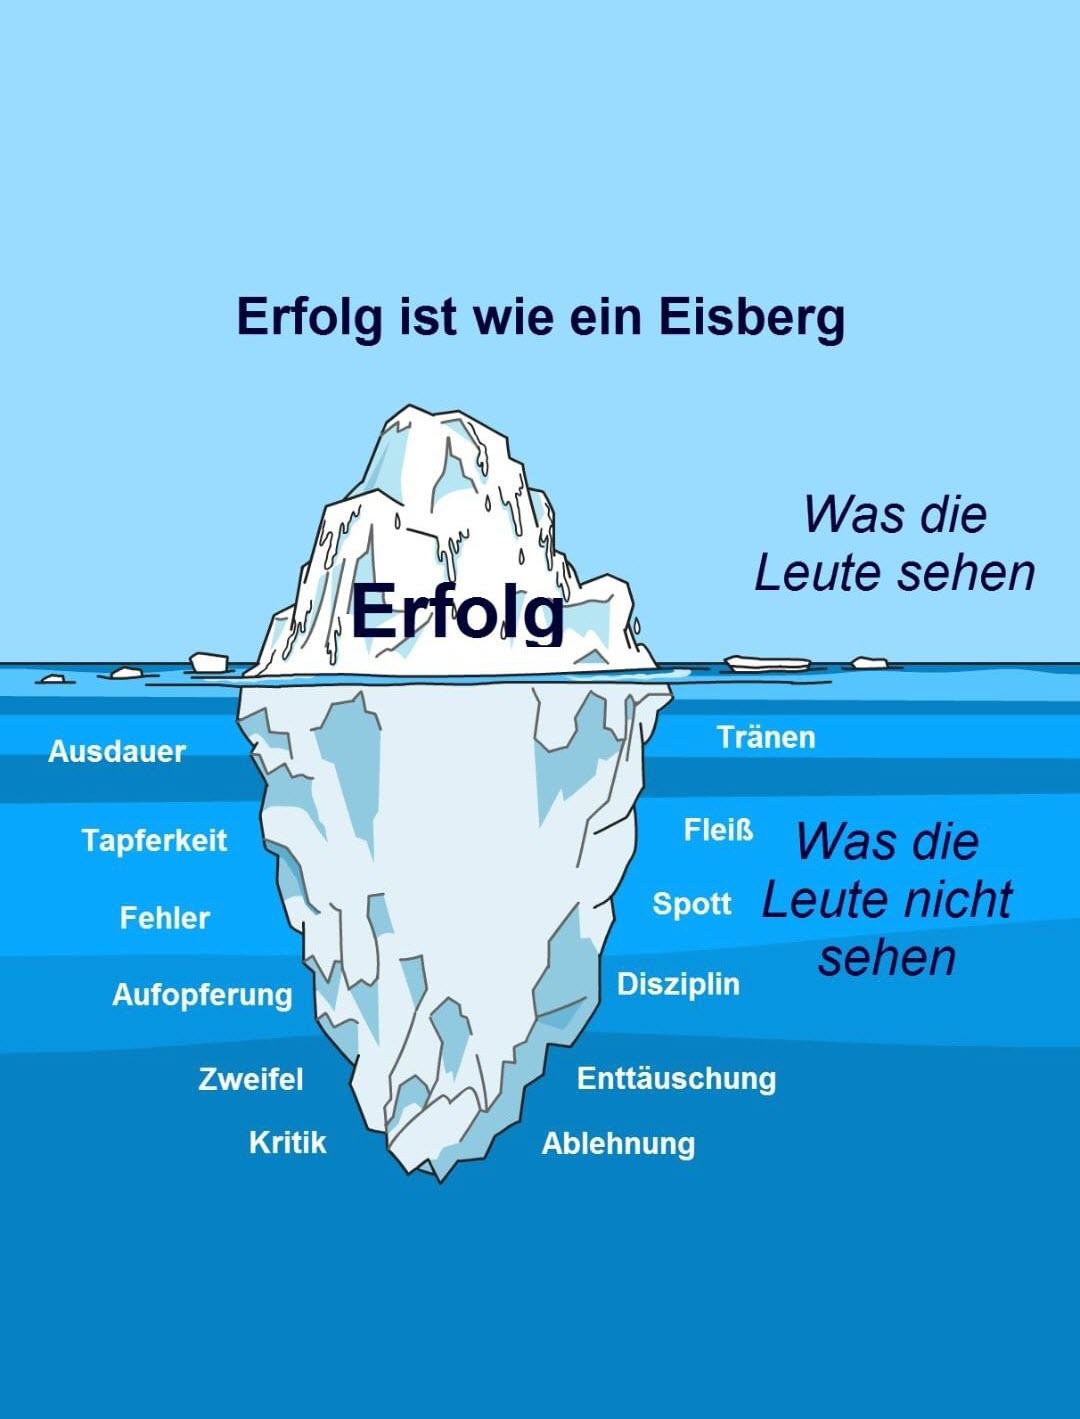 Was ist Erfolg wie ein Eisberg